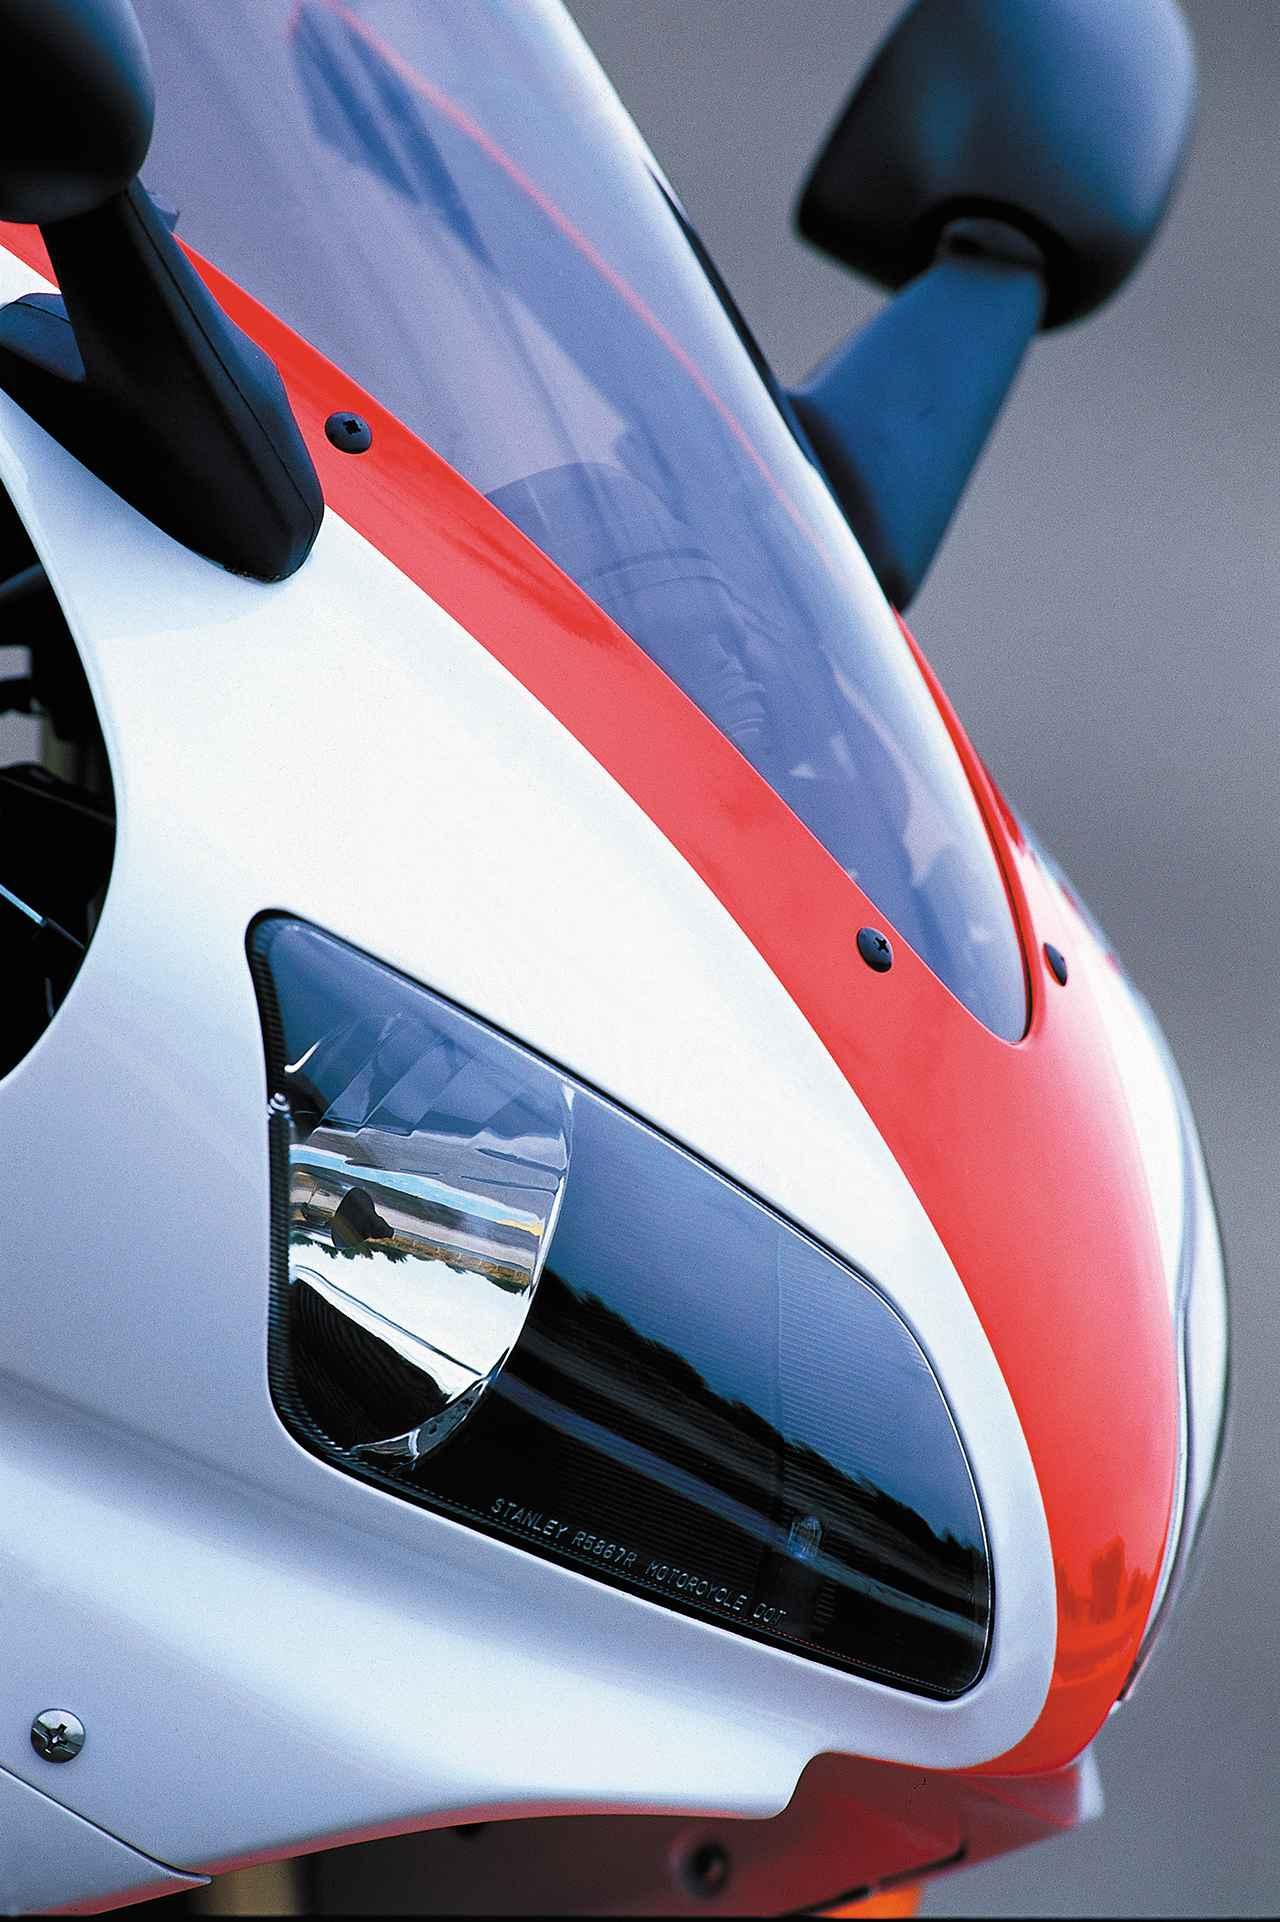 画像: スラントしたデュアルヘッドライトも初代R1の特徴。この攻撃的なデザインもスーパースポーツの標準となった。